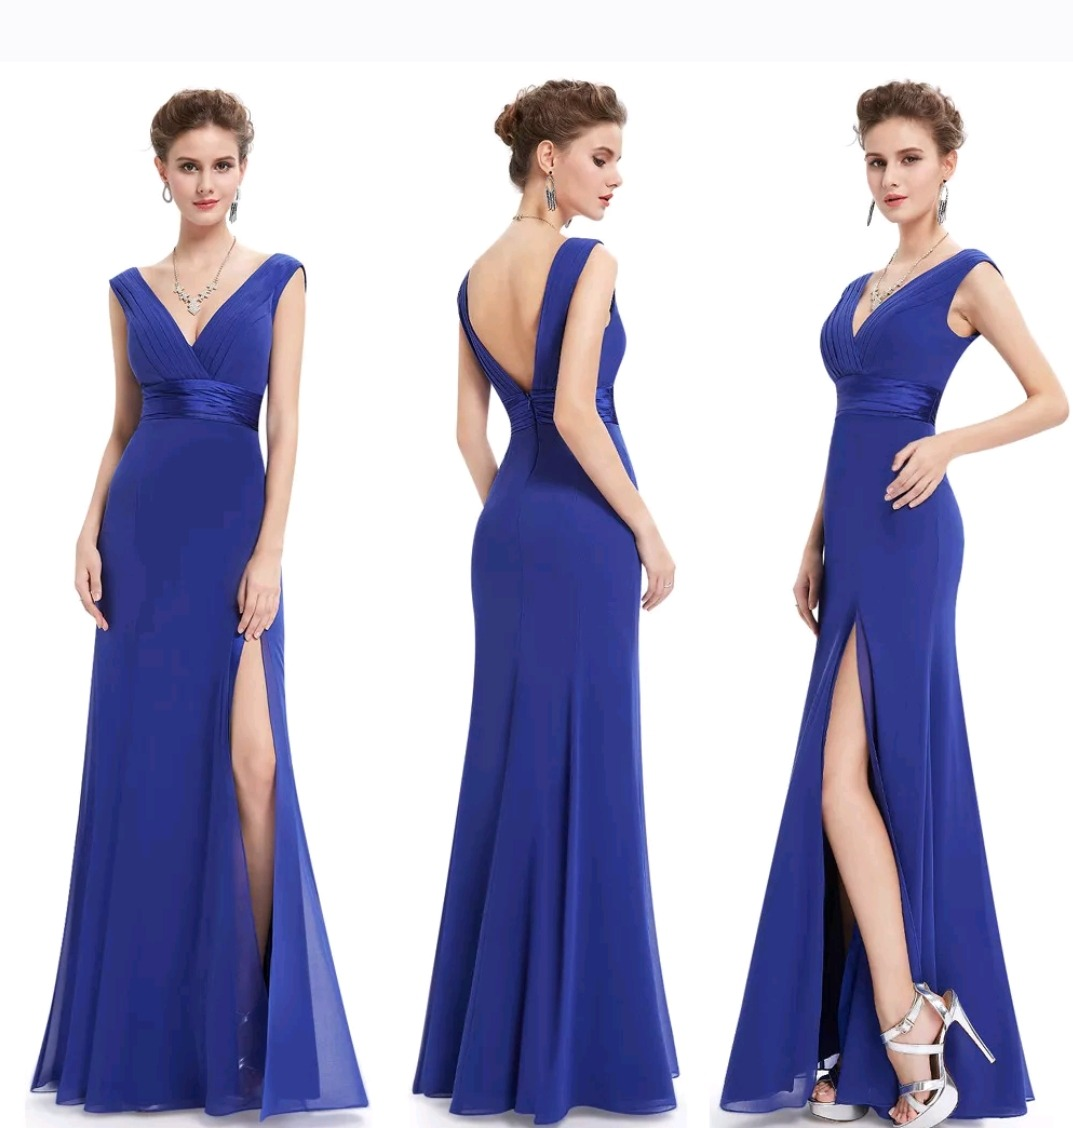 Madrinha de casamento com vestido azul royal